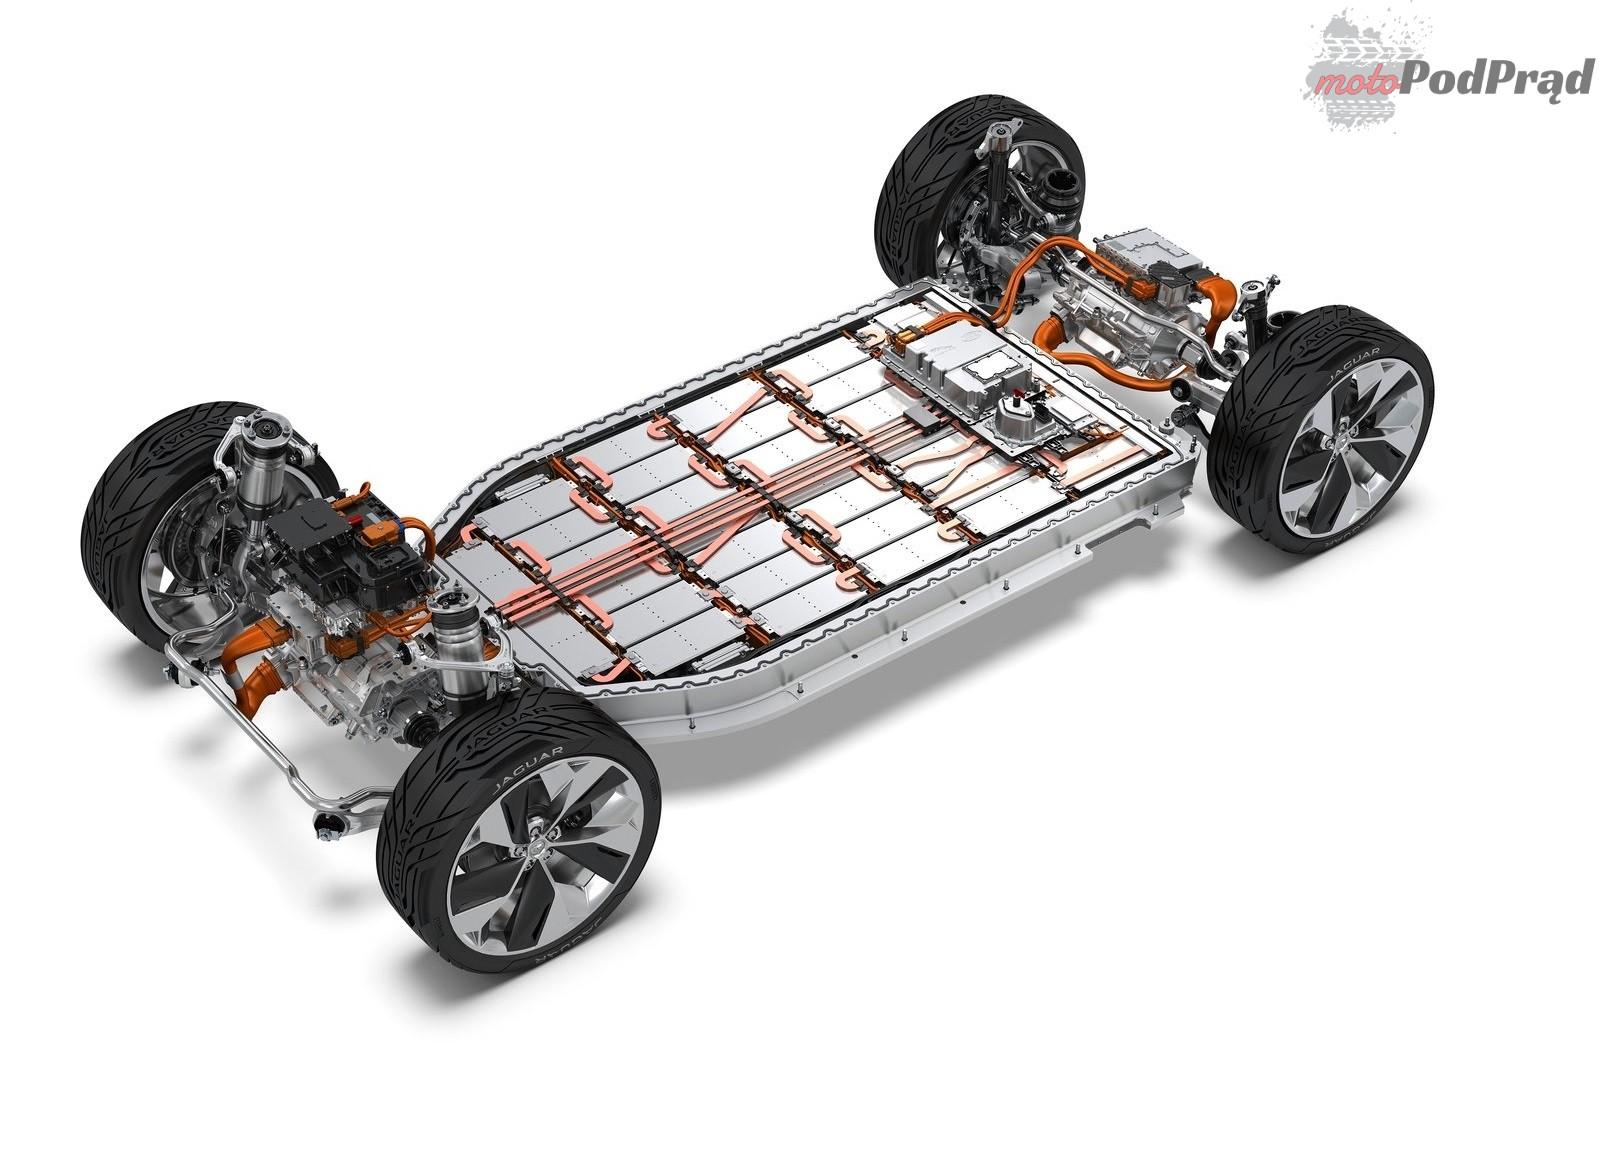 Jaguar I Pace Concept 2016 1600 88 Następny Jaguar XJ będzie elektryczny?